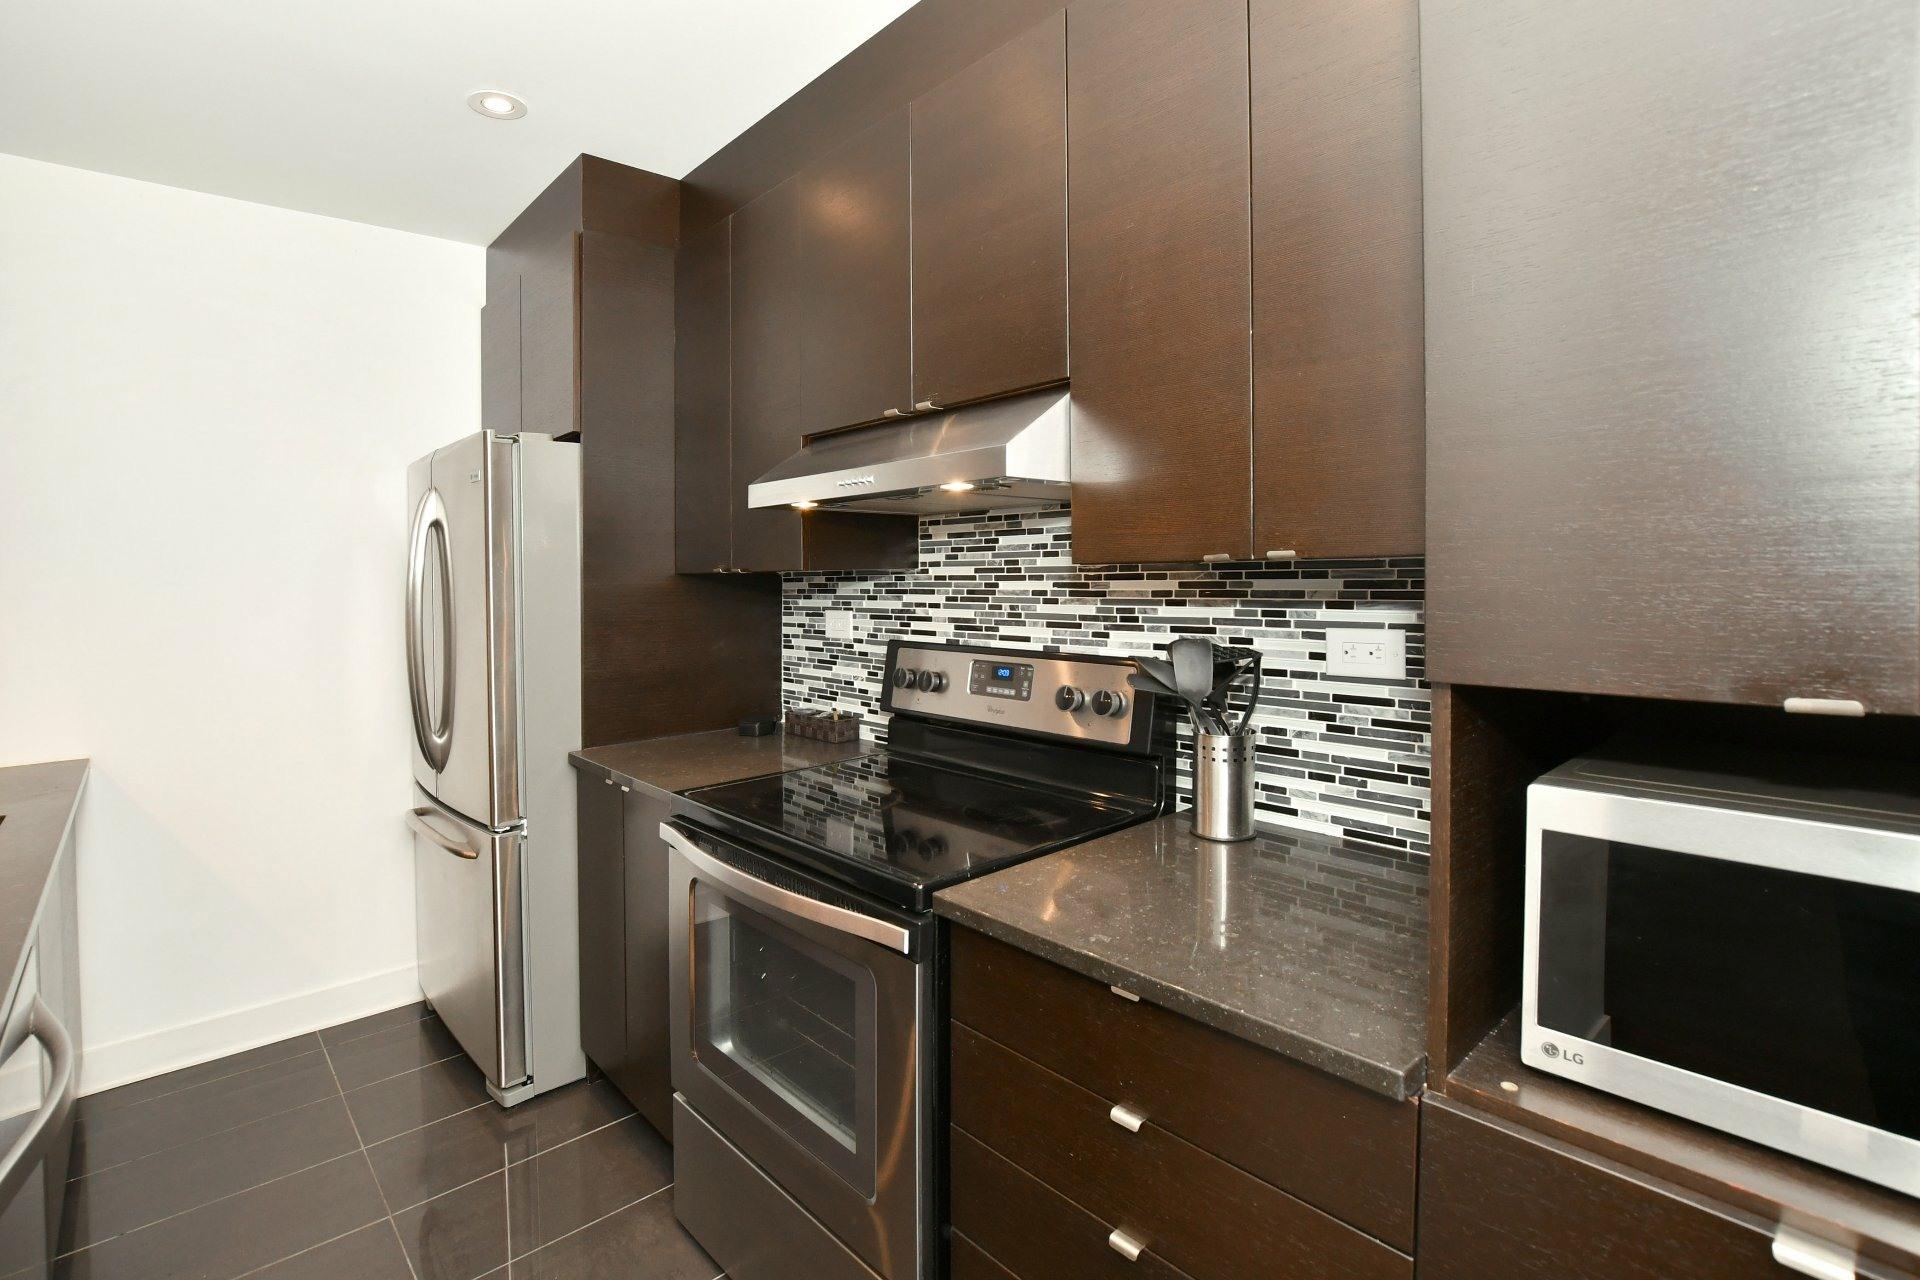 image 10 - Apartment For rent Côte-des-Neiges/Notre-Dame-de-Grâce Montréal  - 4 rooms